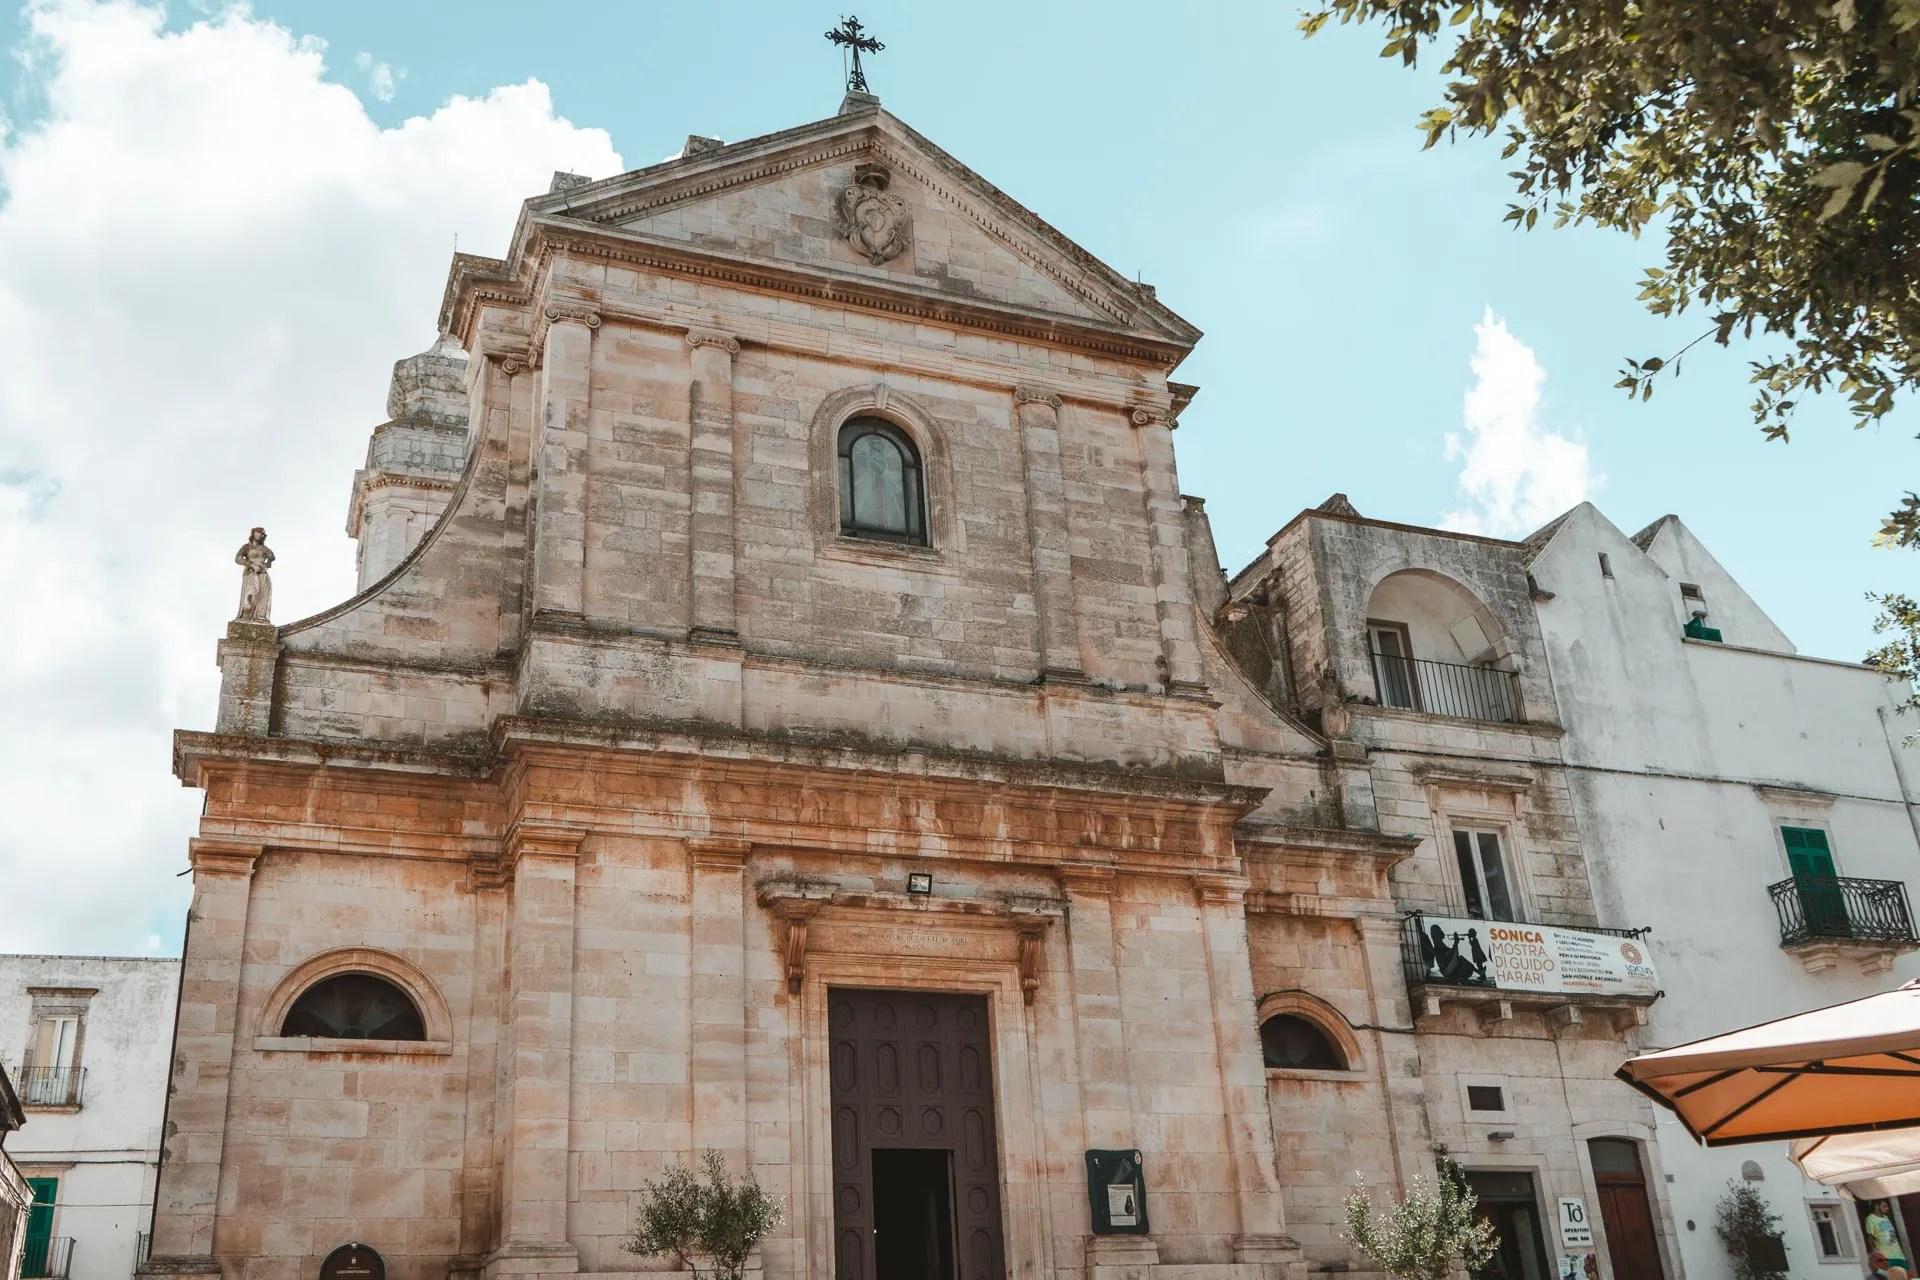 Church in Puglia, Locorotondo Centro Storico, Things to do in Puglia Italy, Puglia Travel, Locorotondo